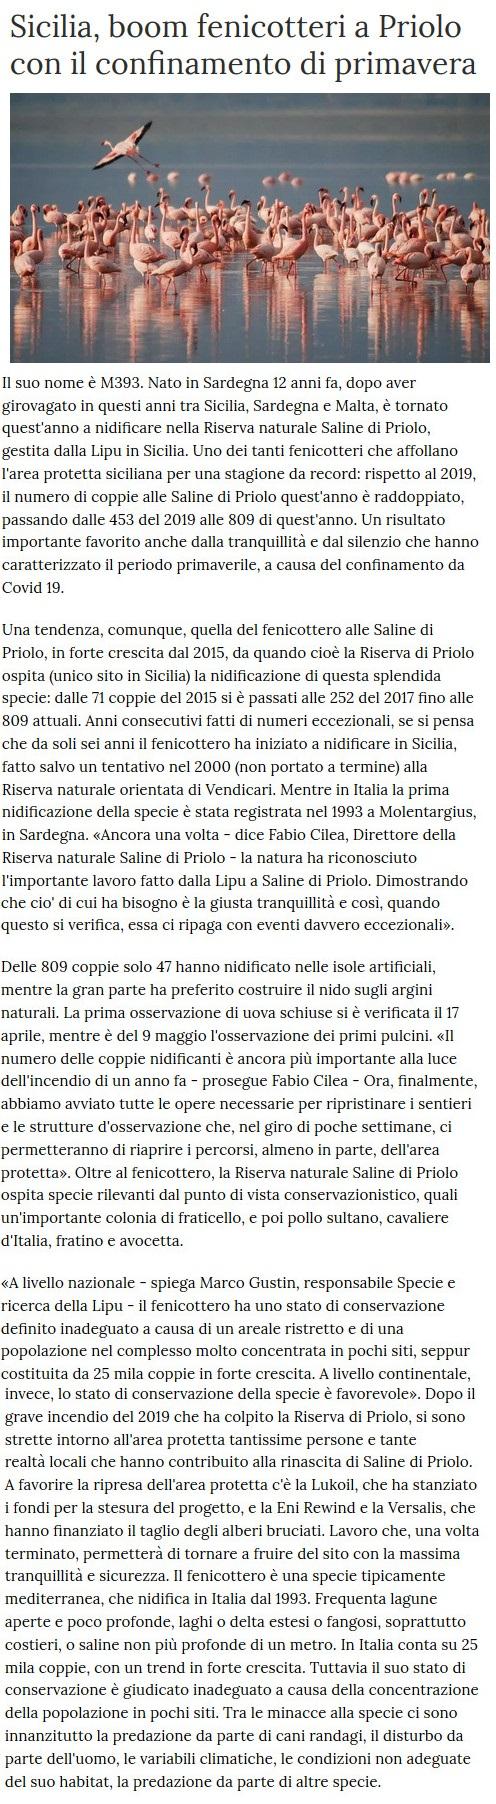 Notizie di animali....nel mondo - Pagina 5 Fenico10